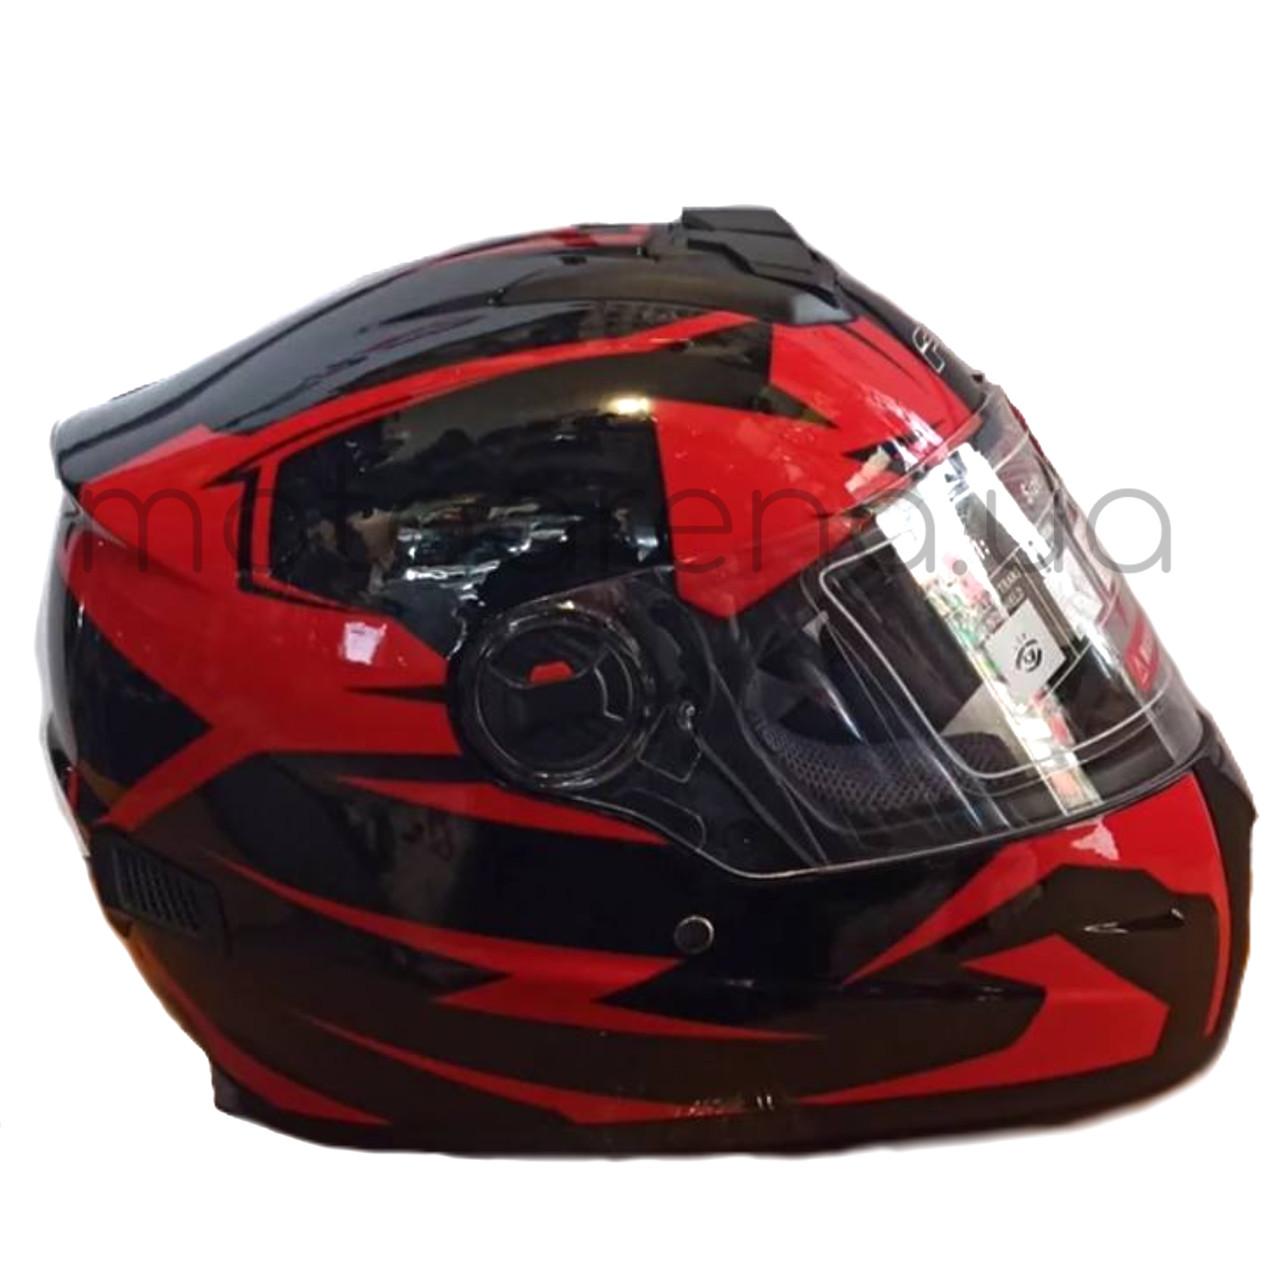 Шлем F2 чёрно-красный(глянцевый) с очками